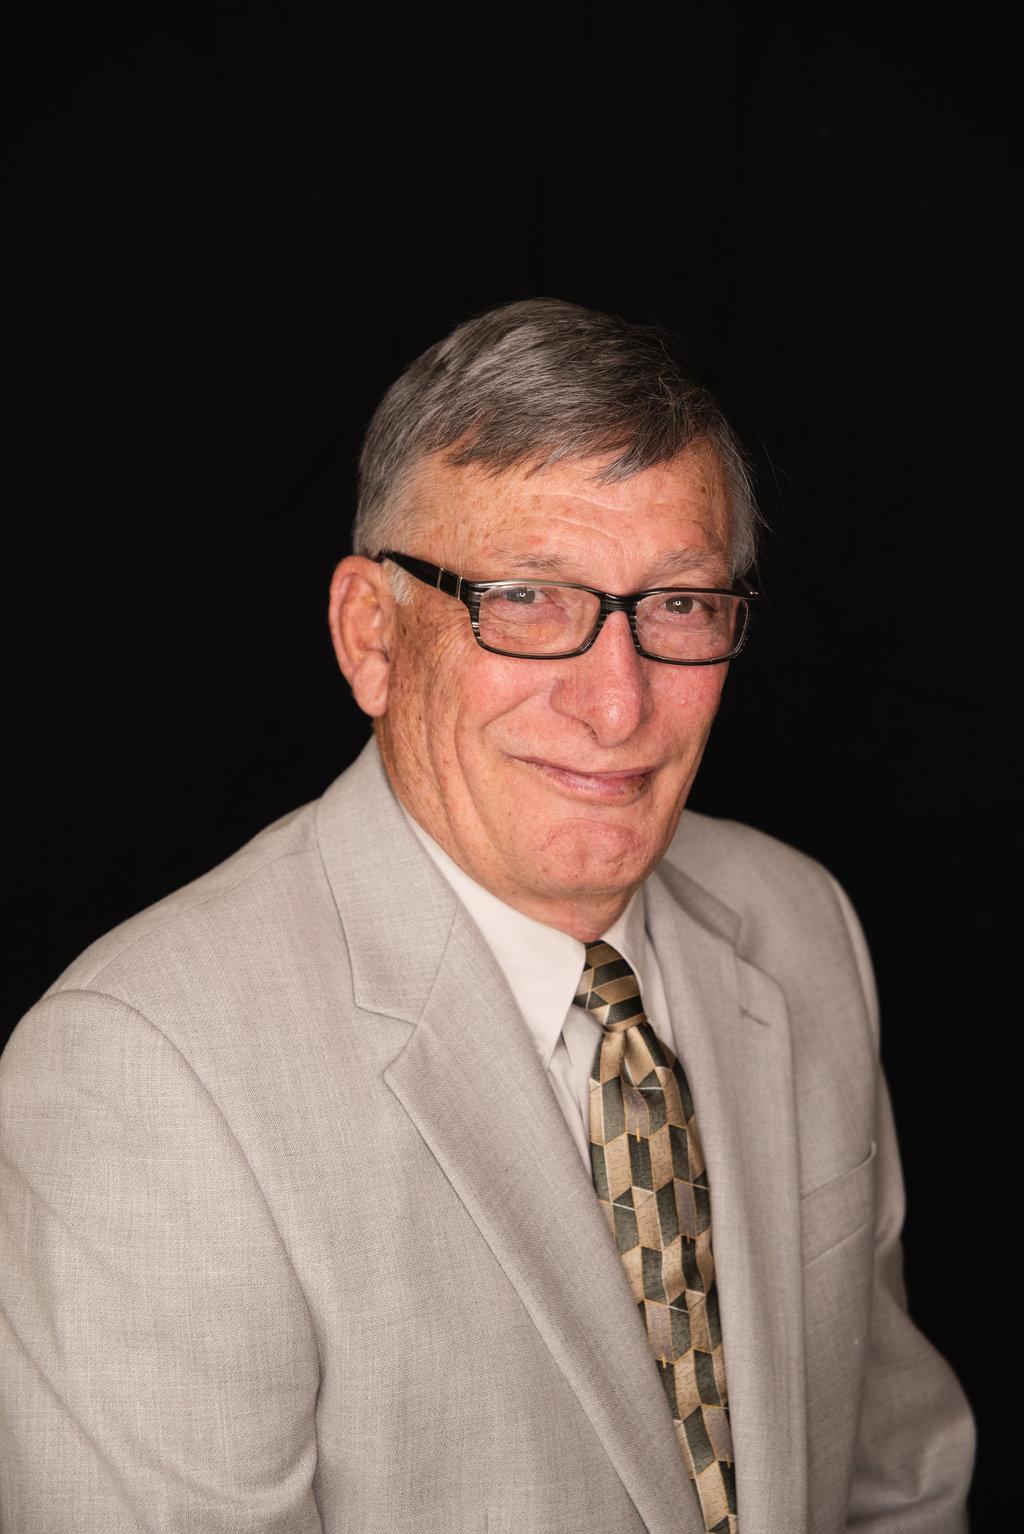 Donald Dellamater